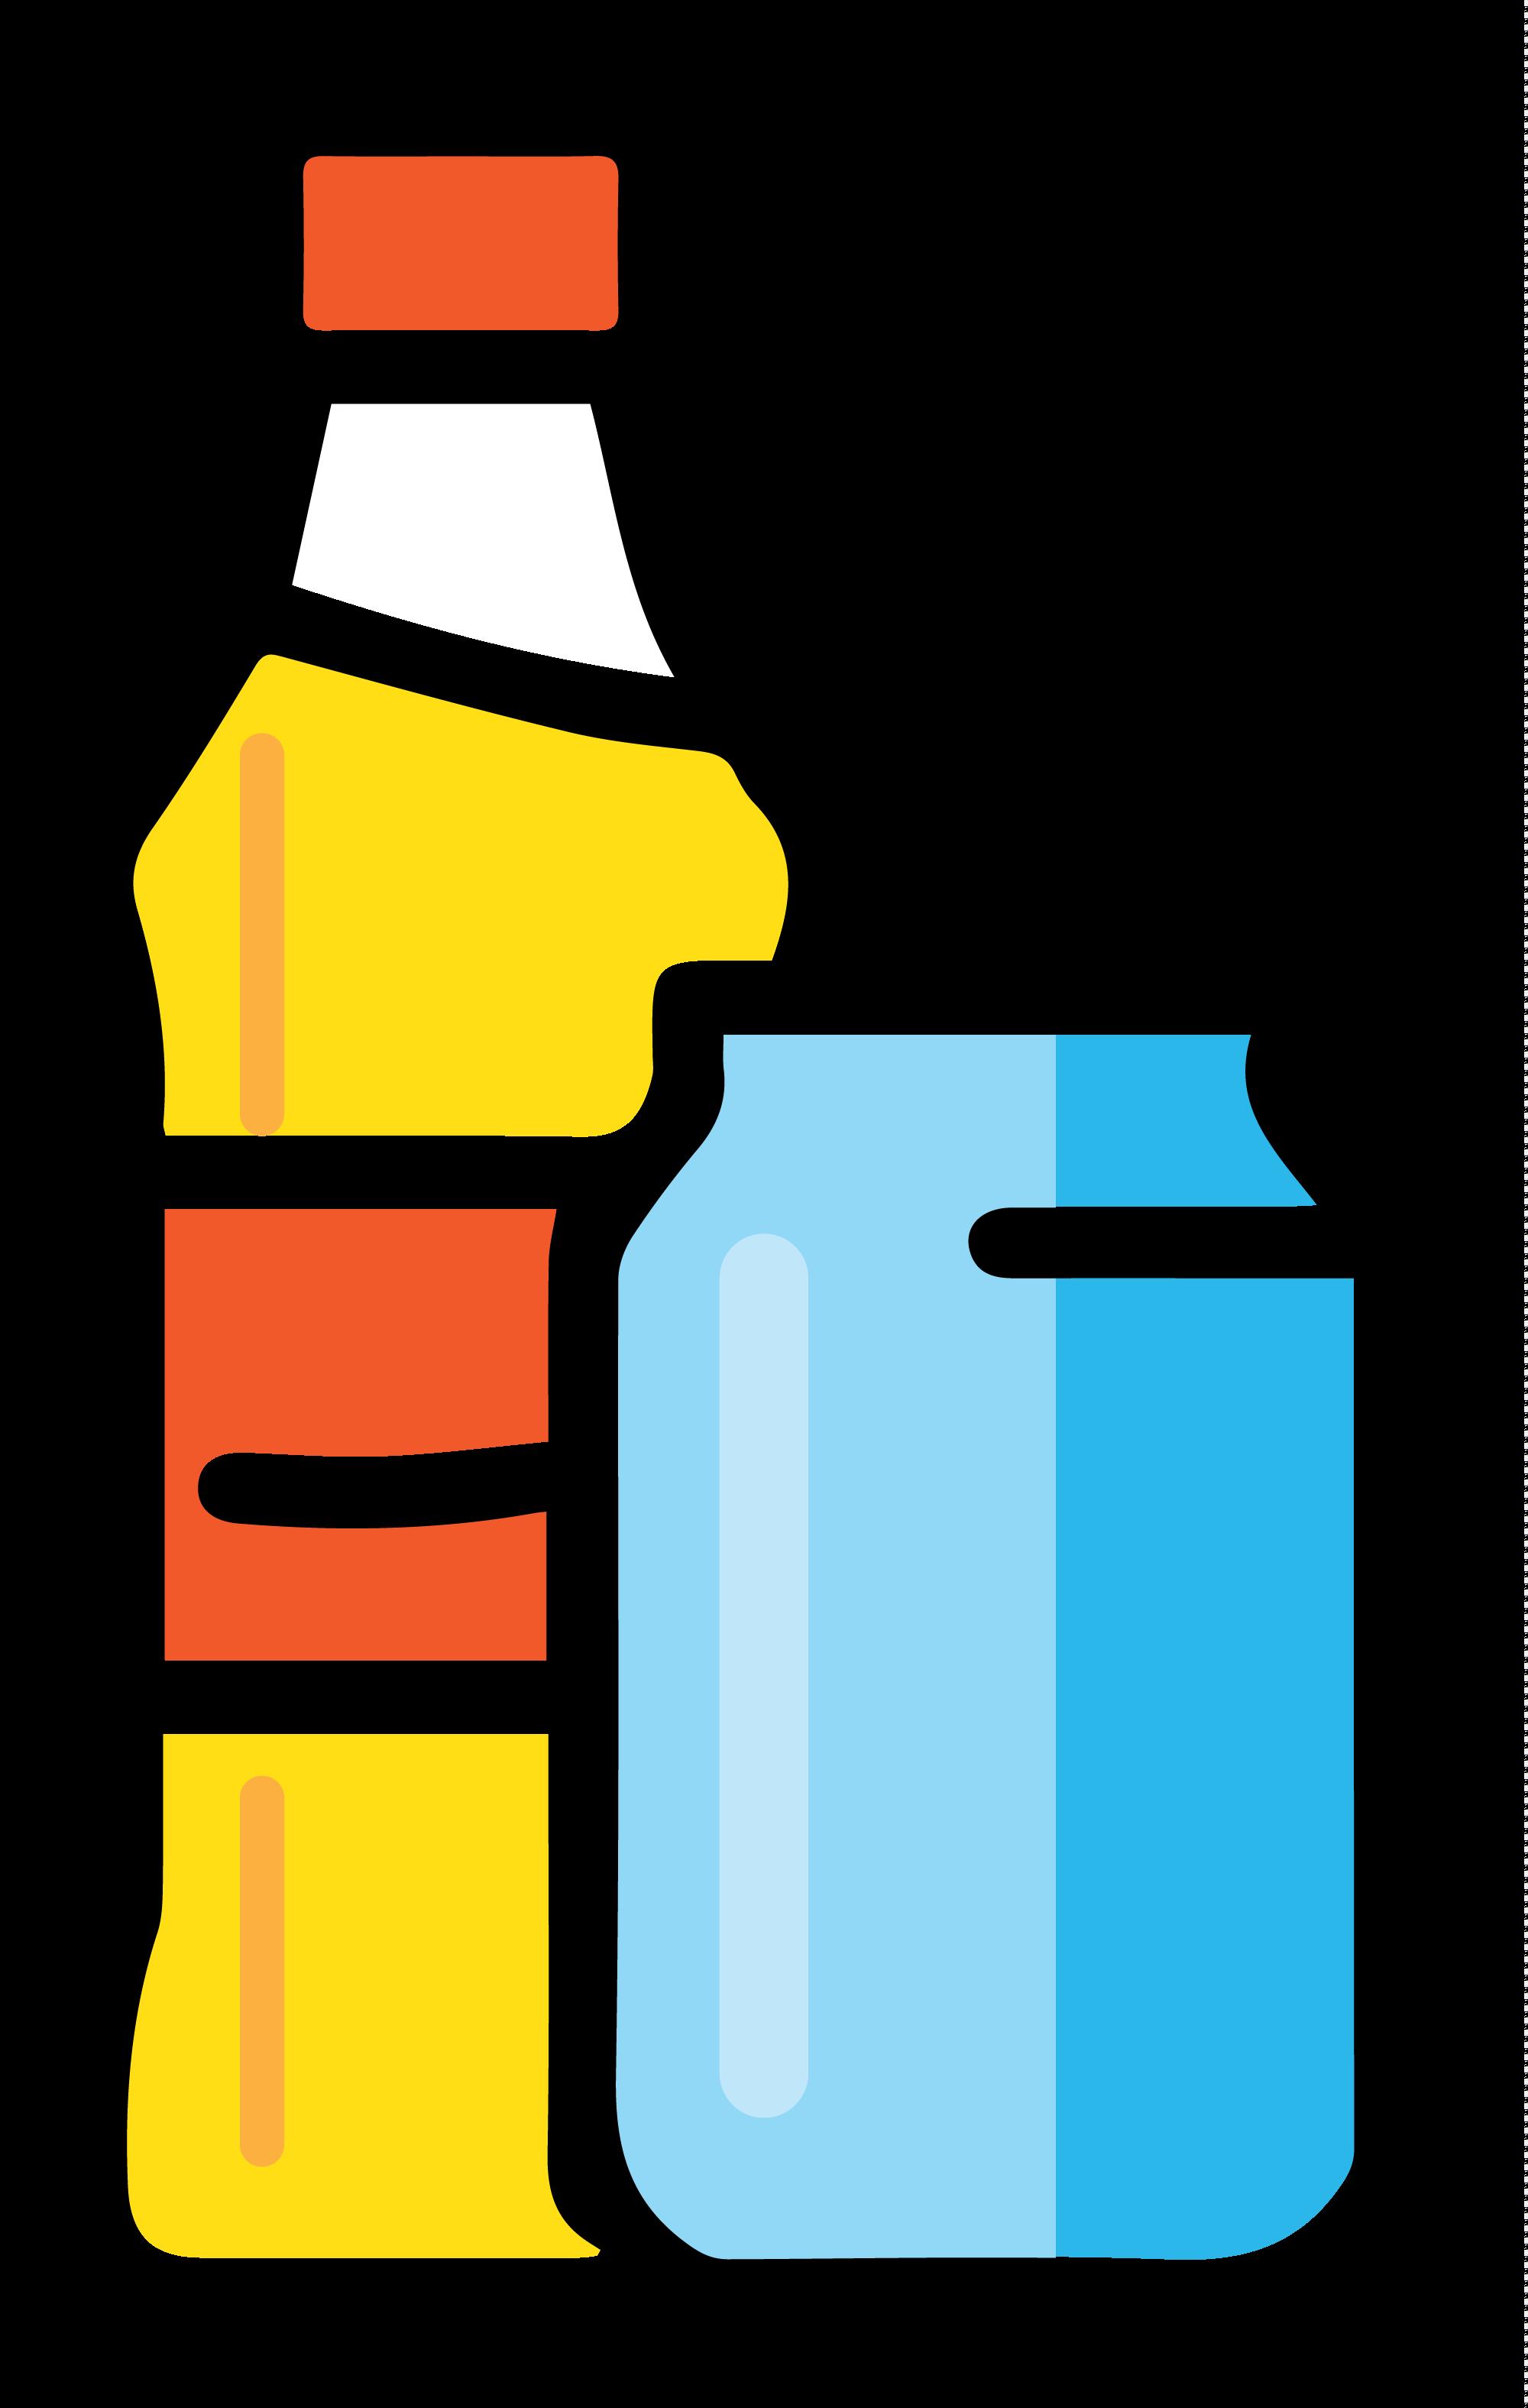 Link zum Getraenke Lieferservice für Erfrischungsgetränke